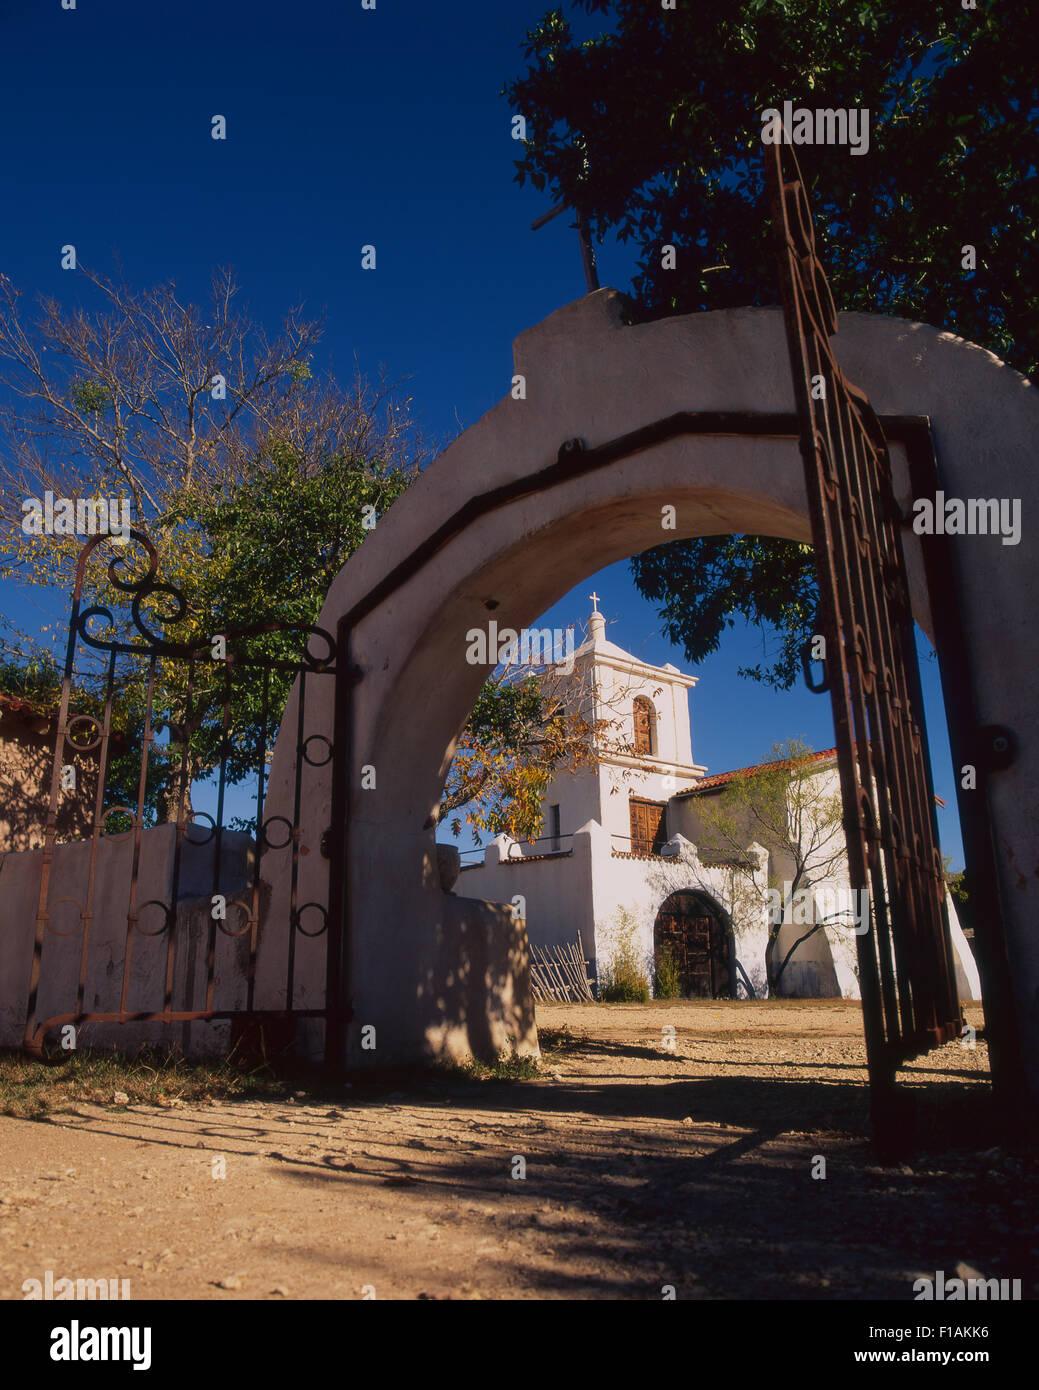 Alamo Village Banque D'Images